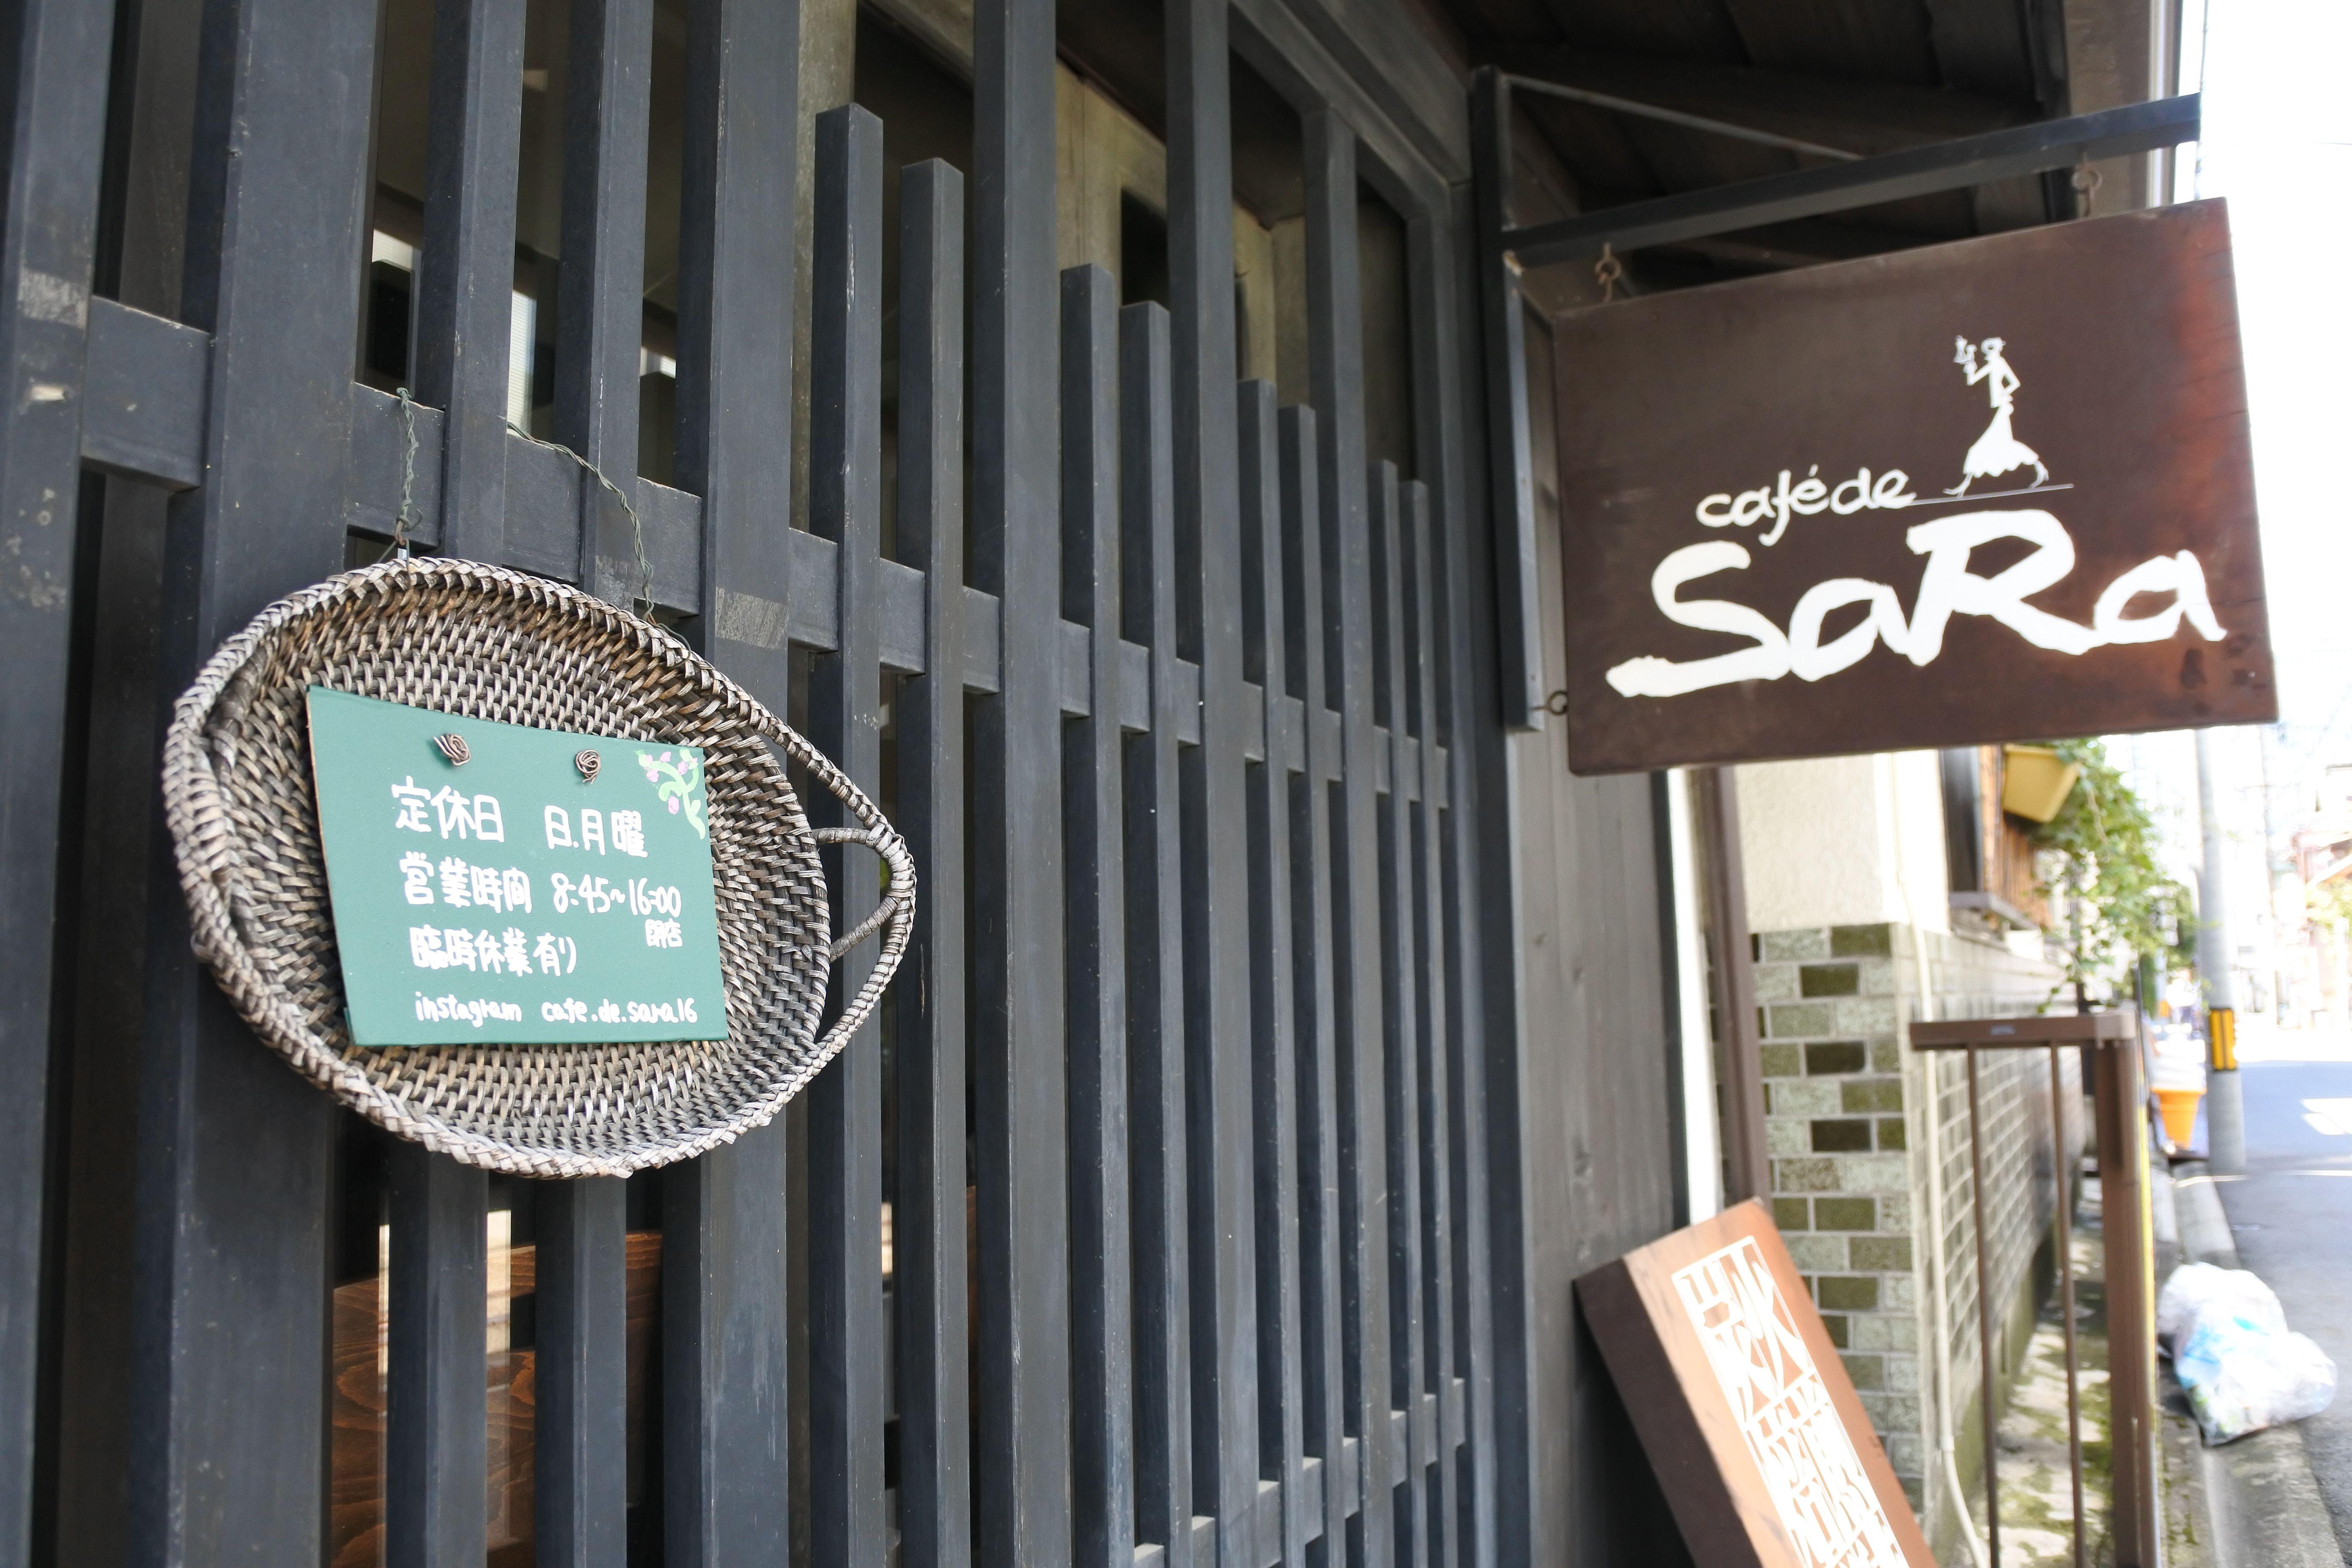 カフェドサラ cafe de sara モーニング 名古屋 純喫茶